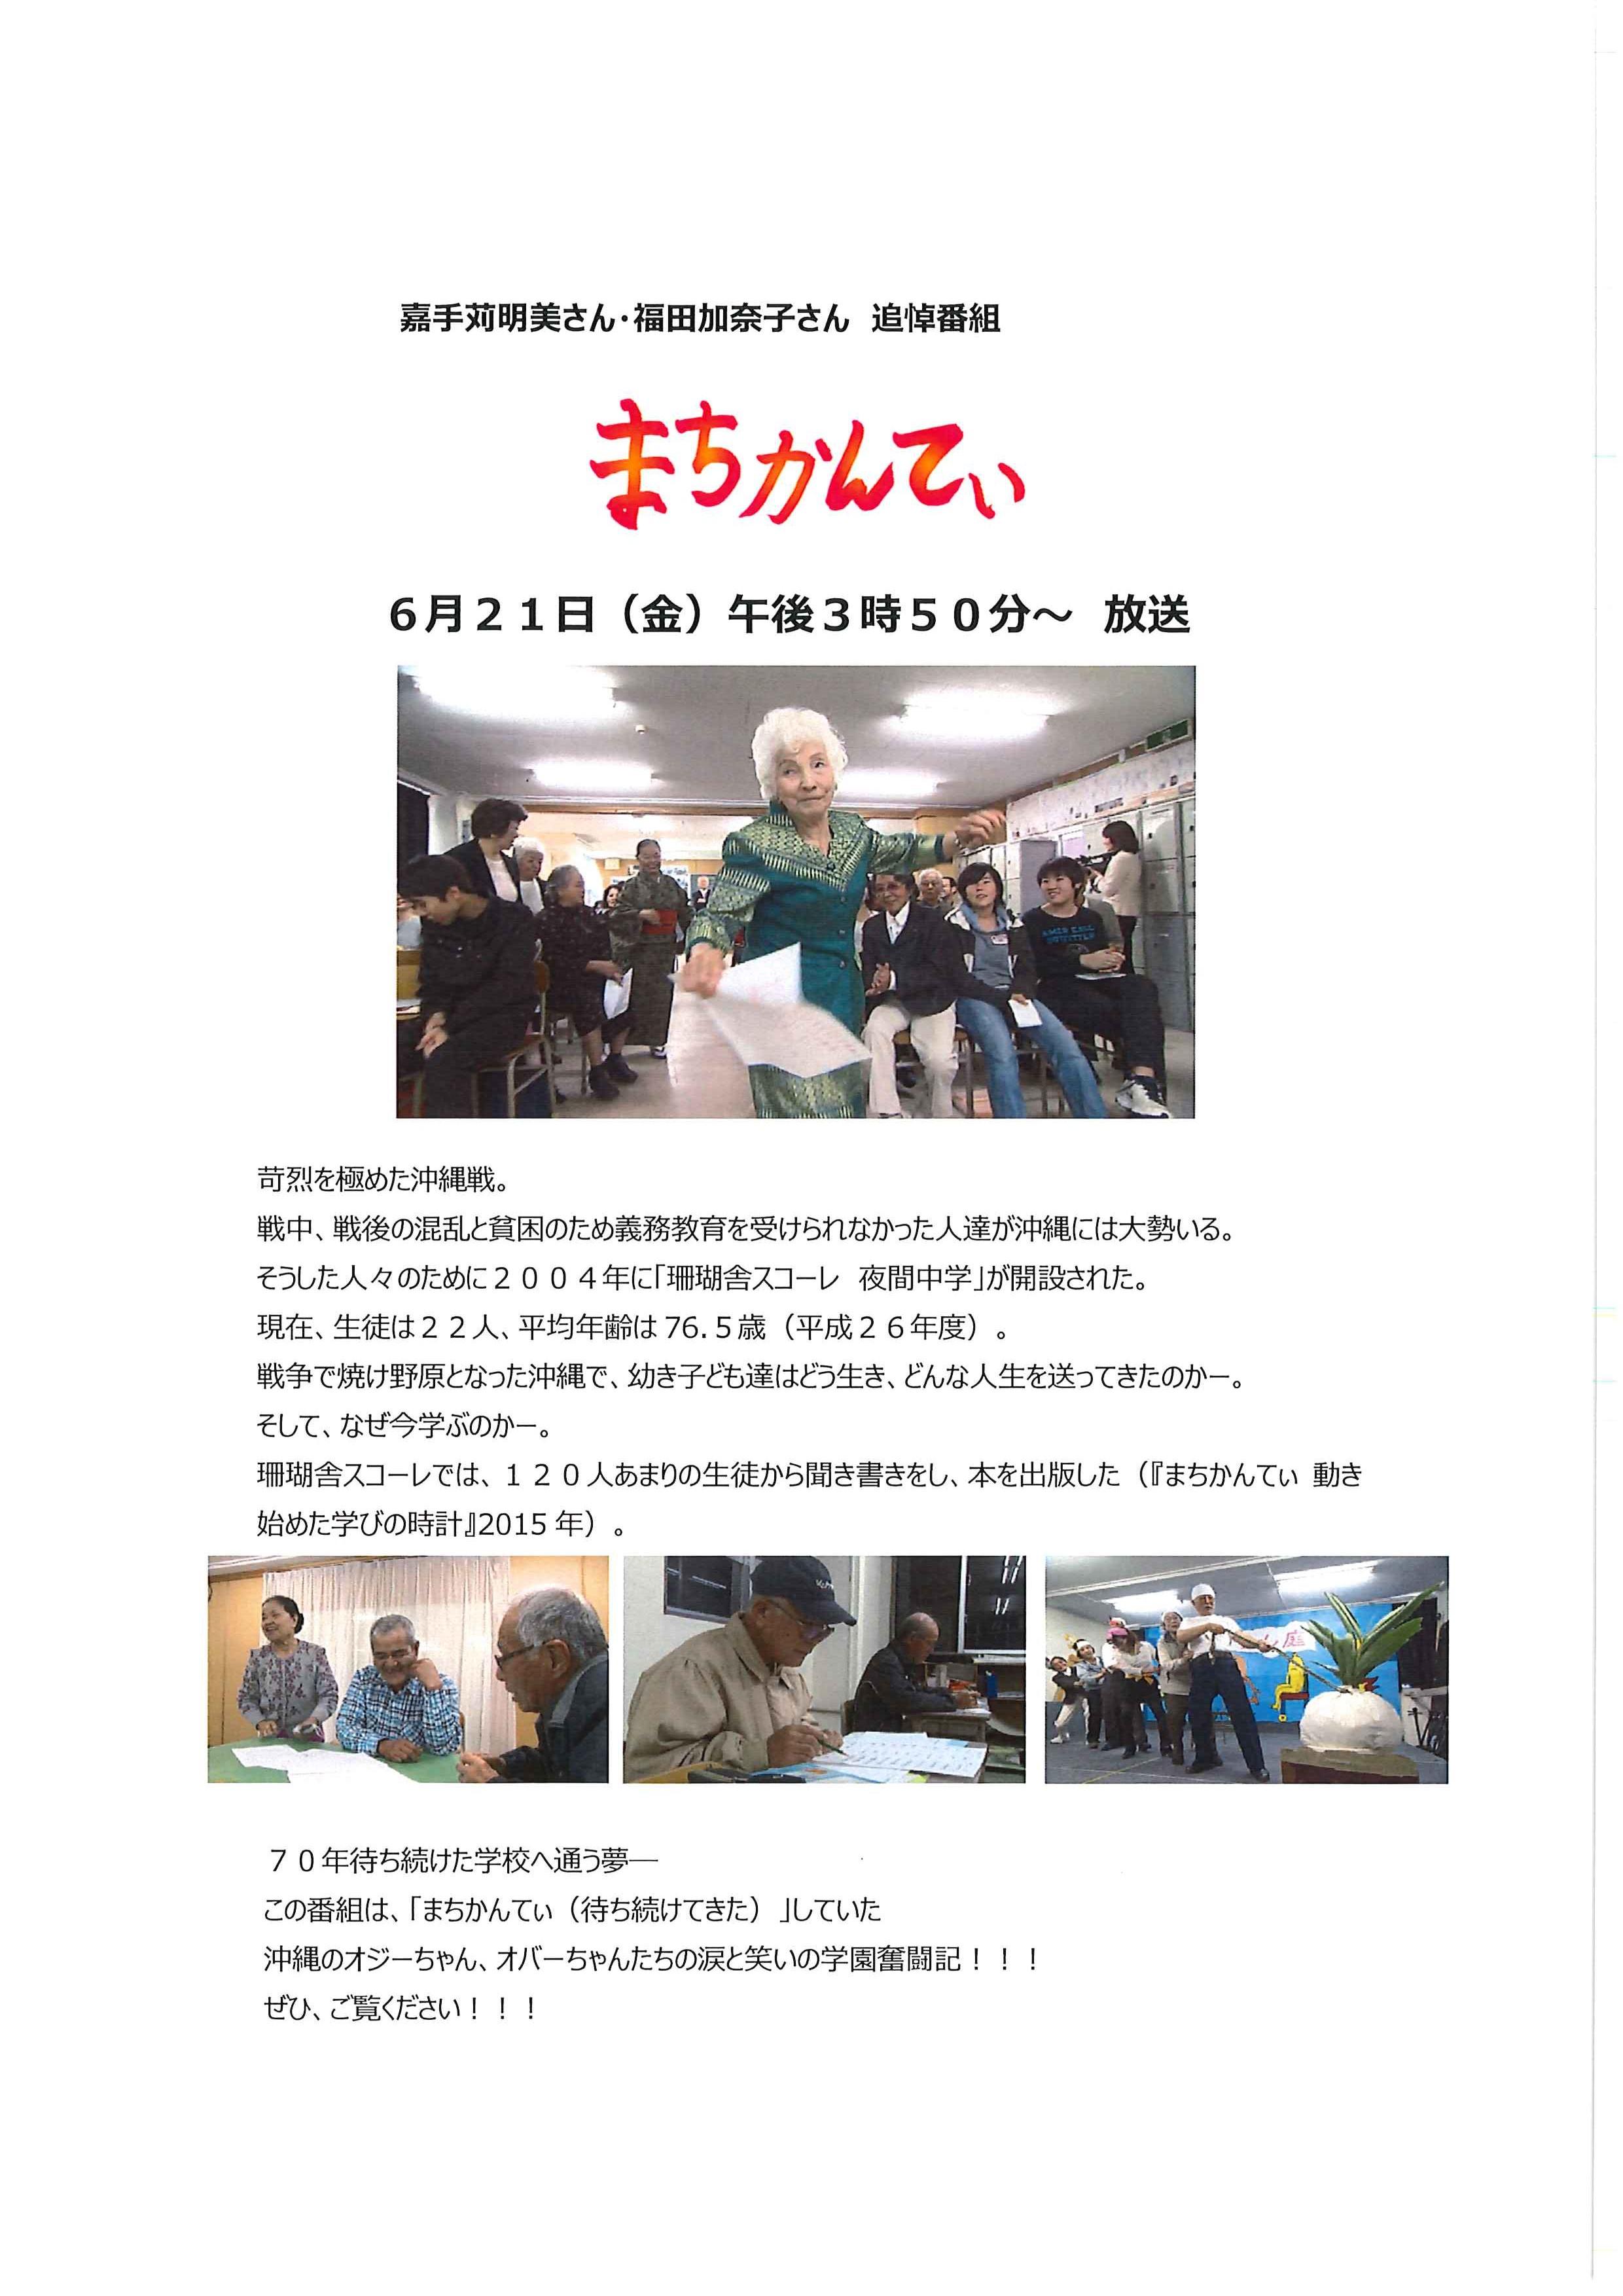 沖縄テレビ 6月21日(金) 15:50~ 珊瑚舎スコーレ・ドキュメント『まちかんてぃ』 再放送